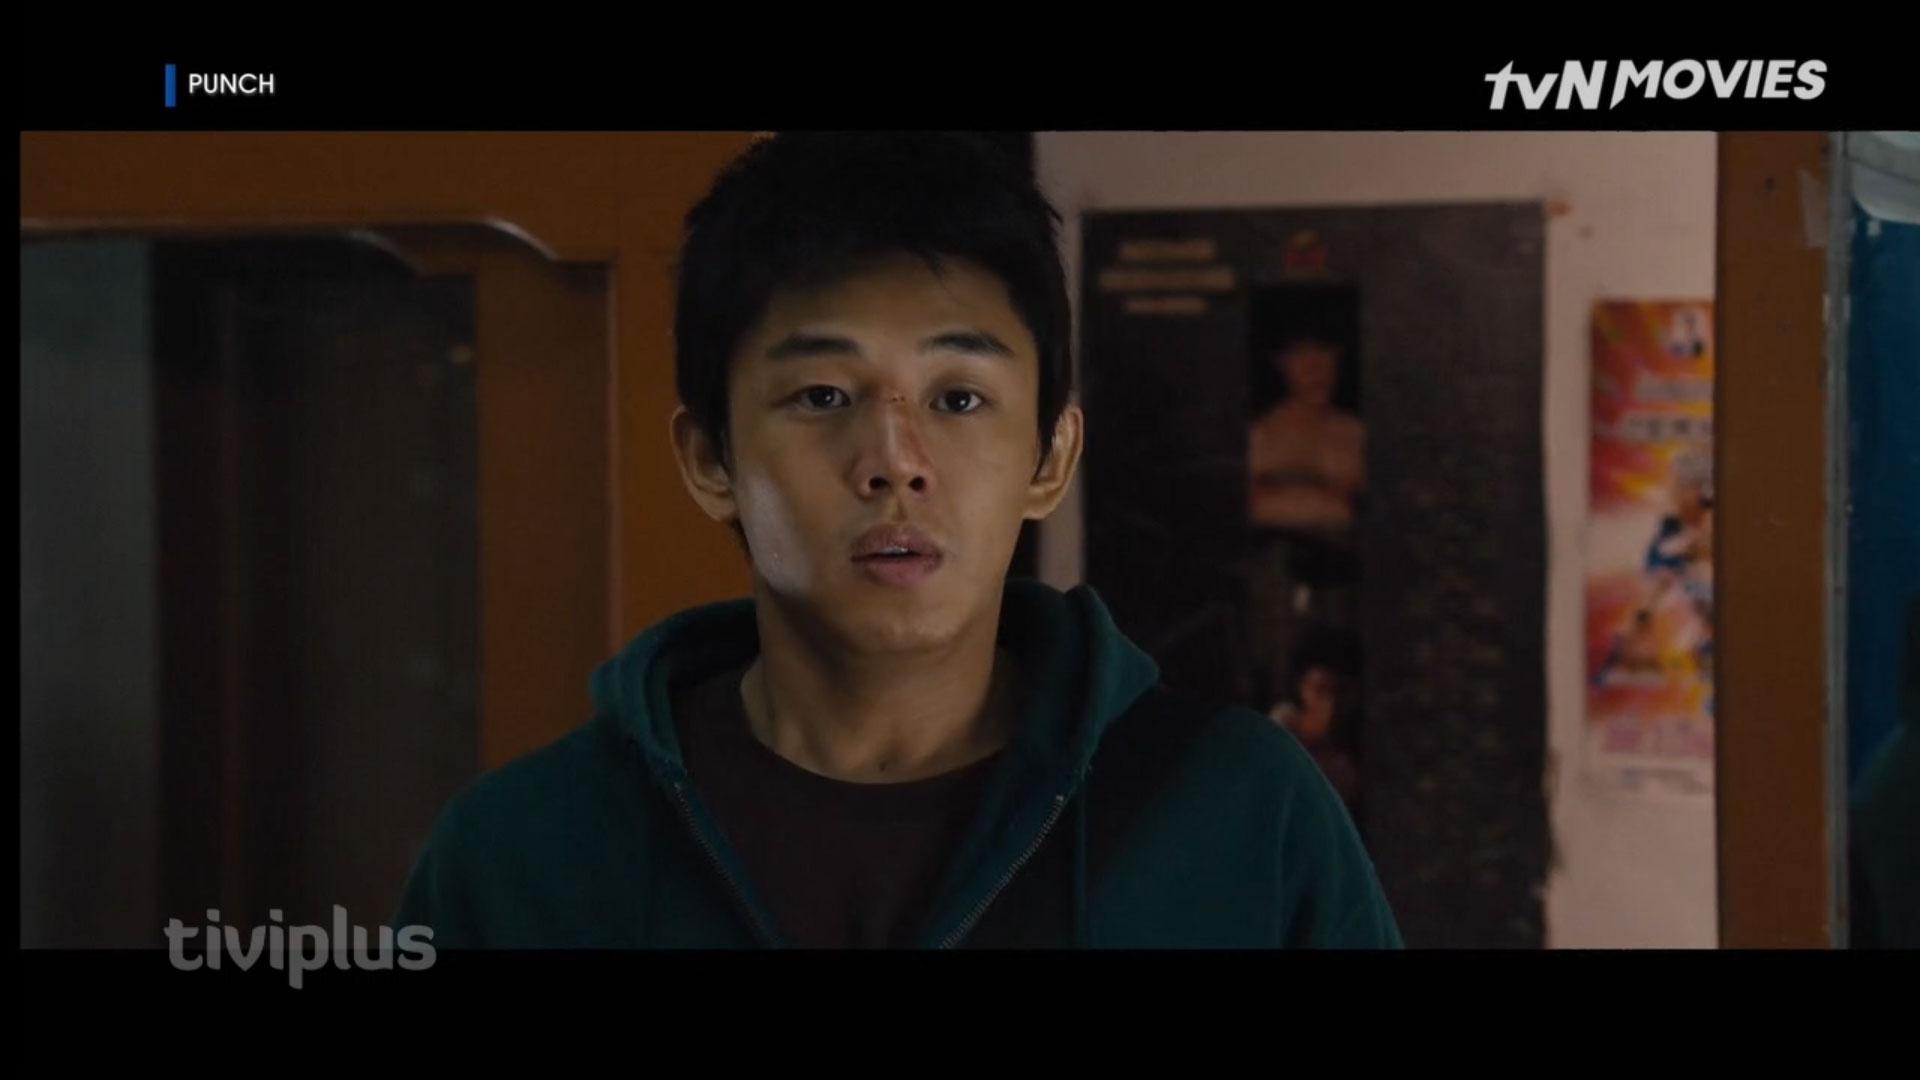 Frekuensi siaran tvN Movies di satelit ChinaSat 11 Terbaru